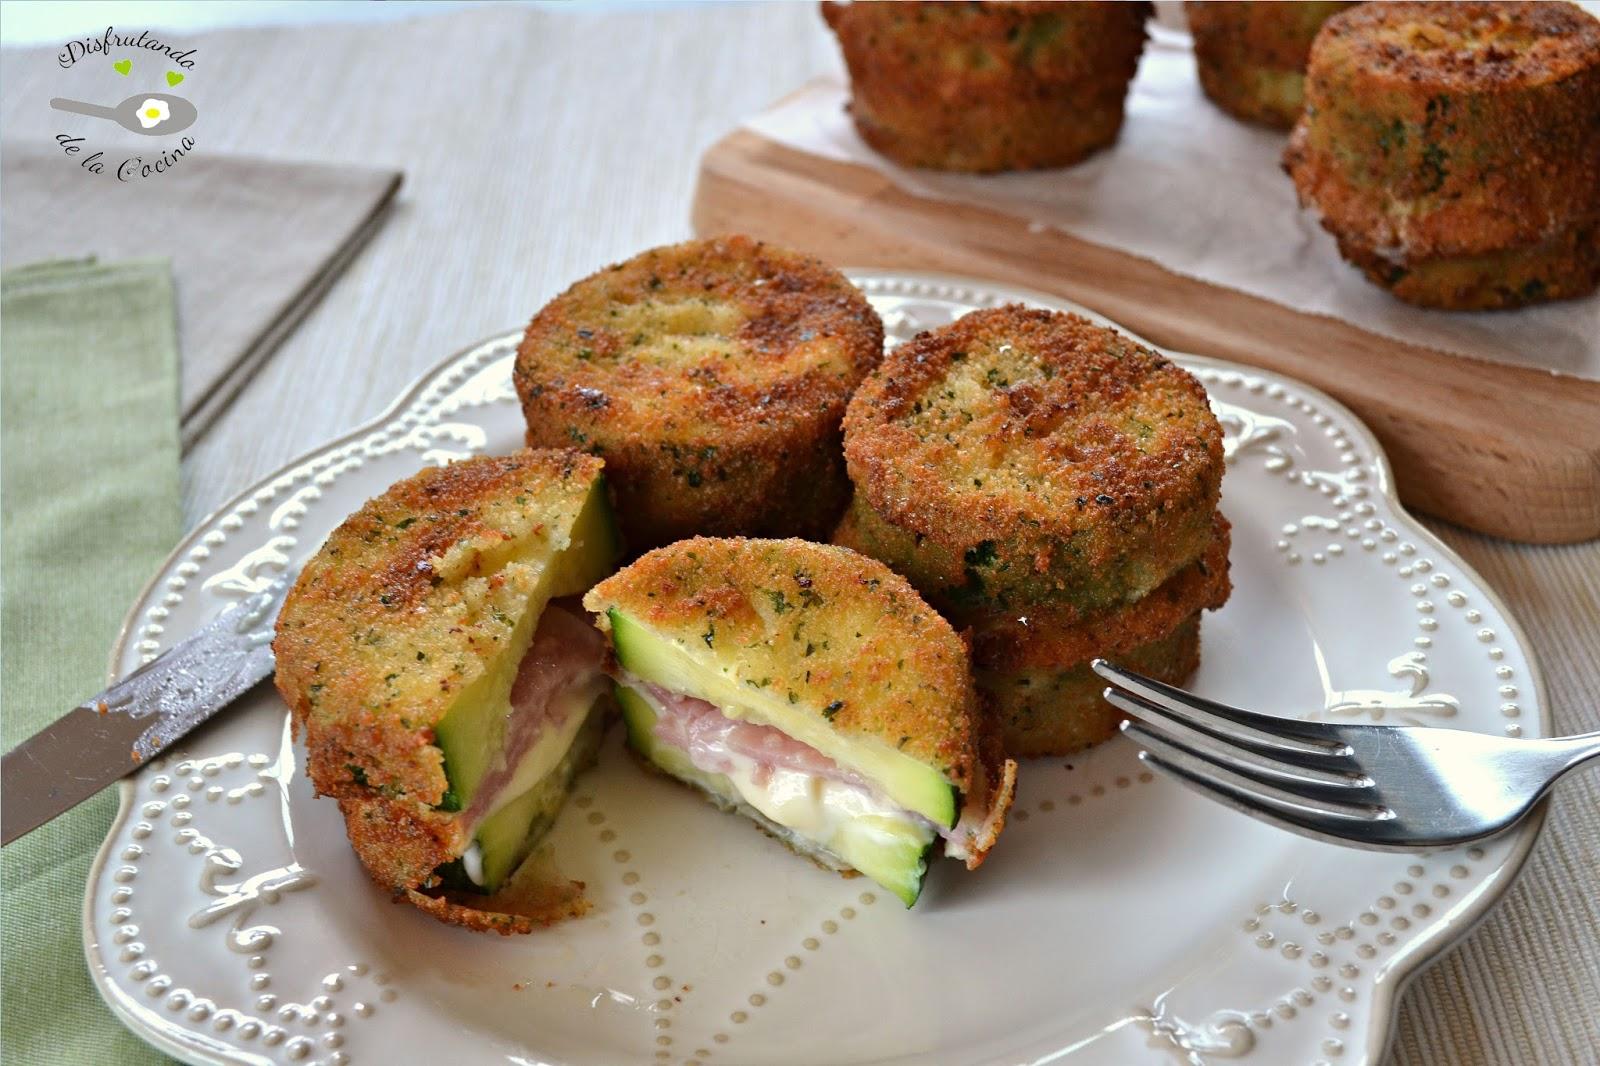 Bocaditos de calabac n con jam n y queso disfrutando de for Canape de jamon y queso